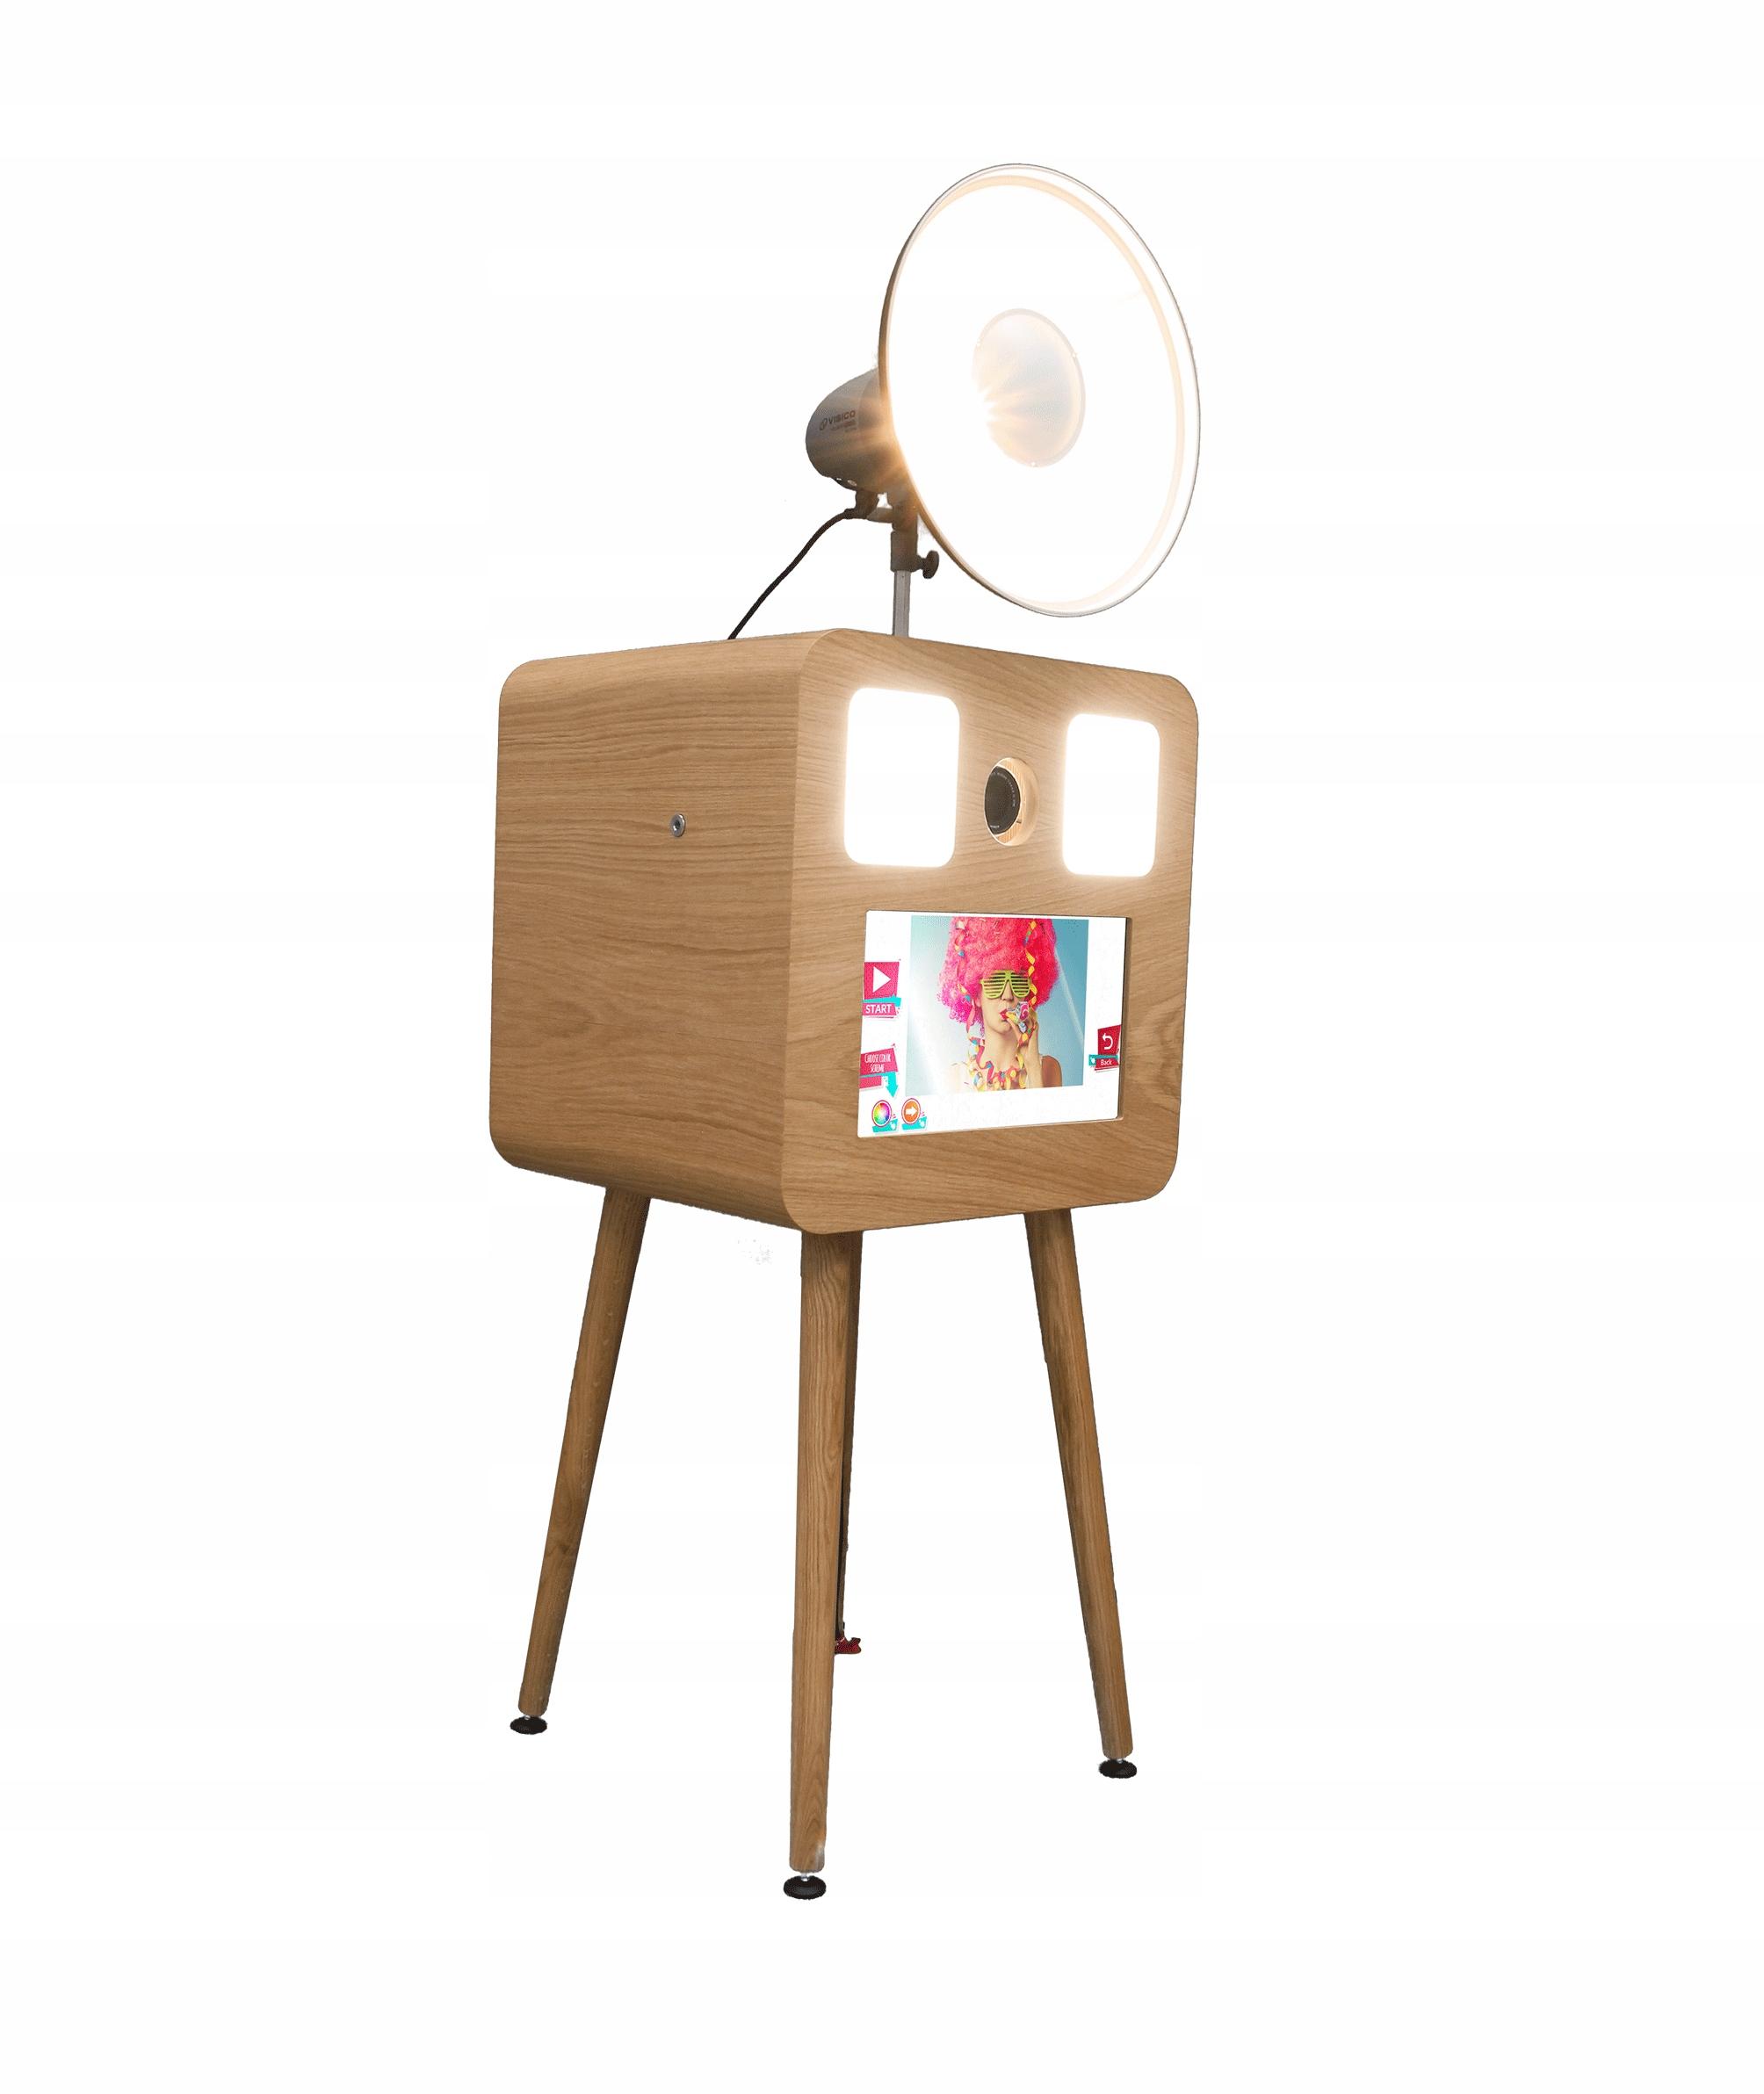 Drevená fotobúdka SMOVE FBOX RETRO